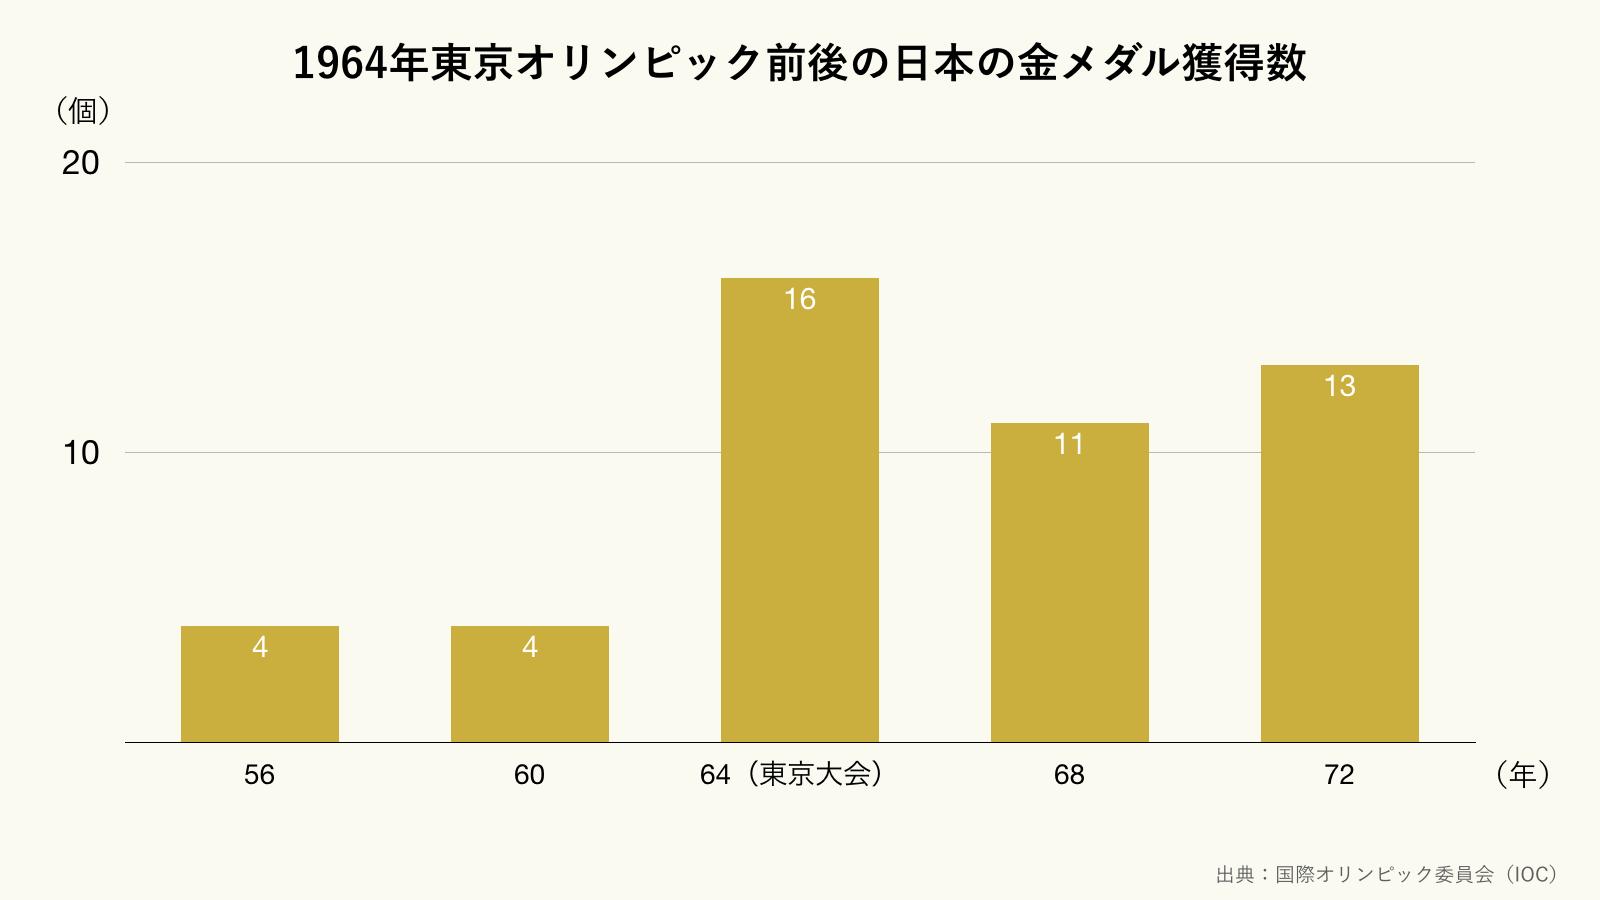 1964東京オリンピック前後の日本の金メダル獲得数(クリーム)